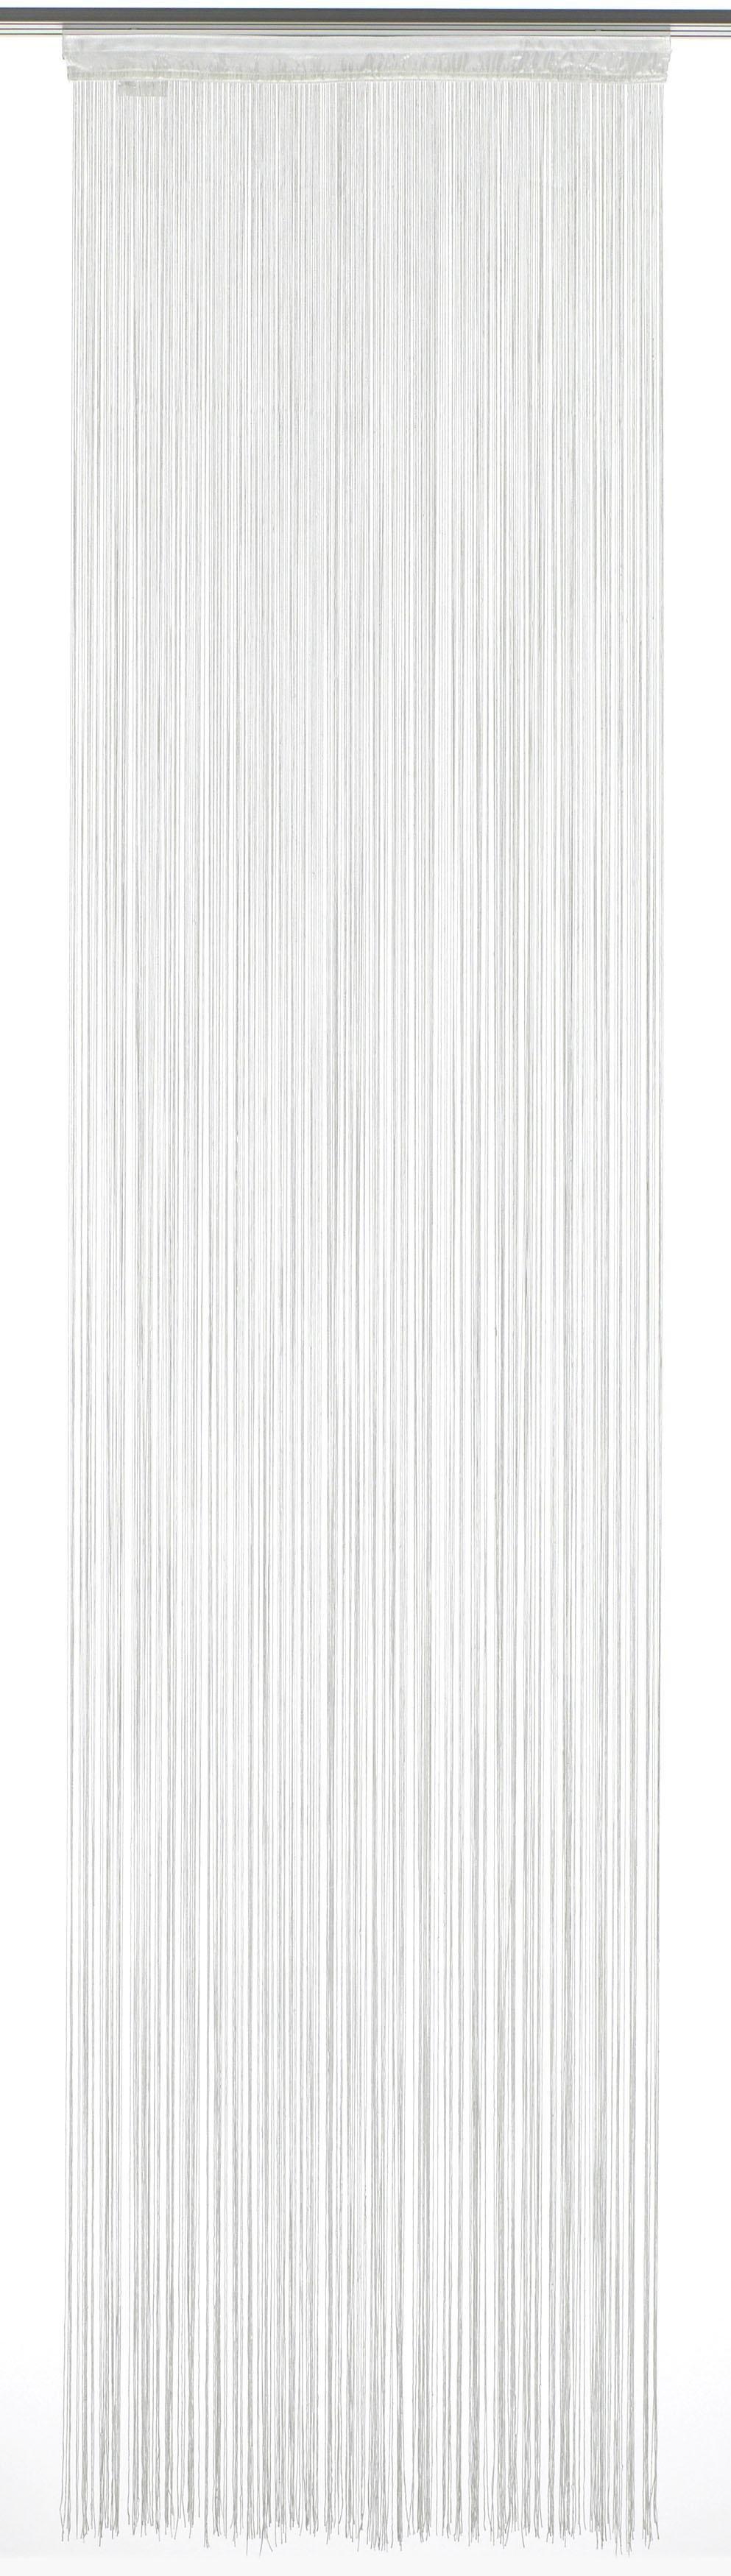 Gardinia Paneelgordijn, »Draadstore«, klittenband per stuk bestellen: 30 dagen bedenktijd